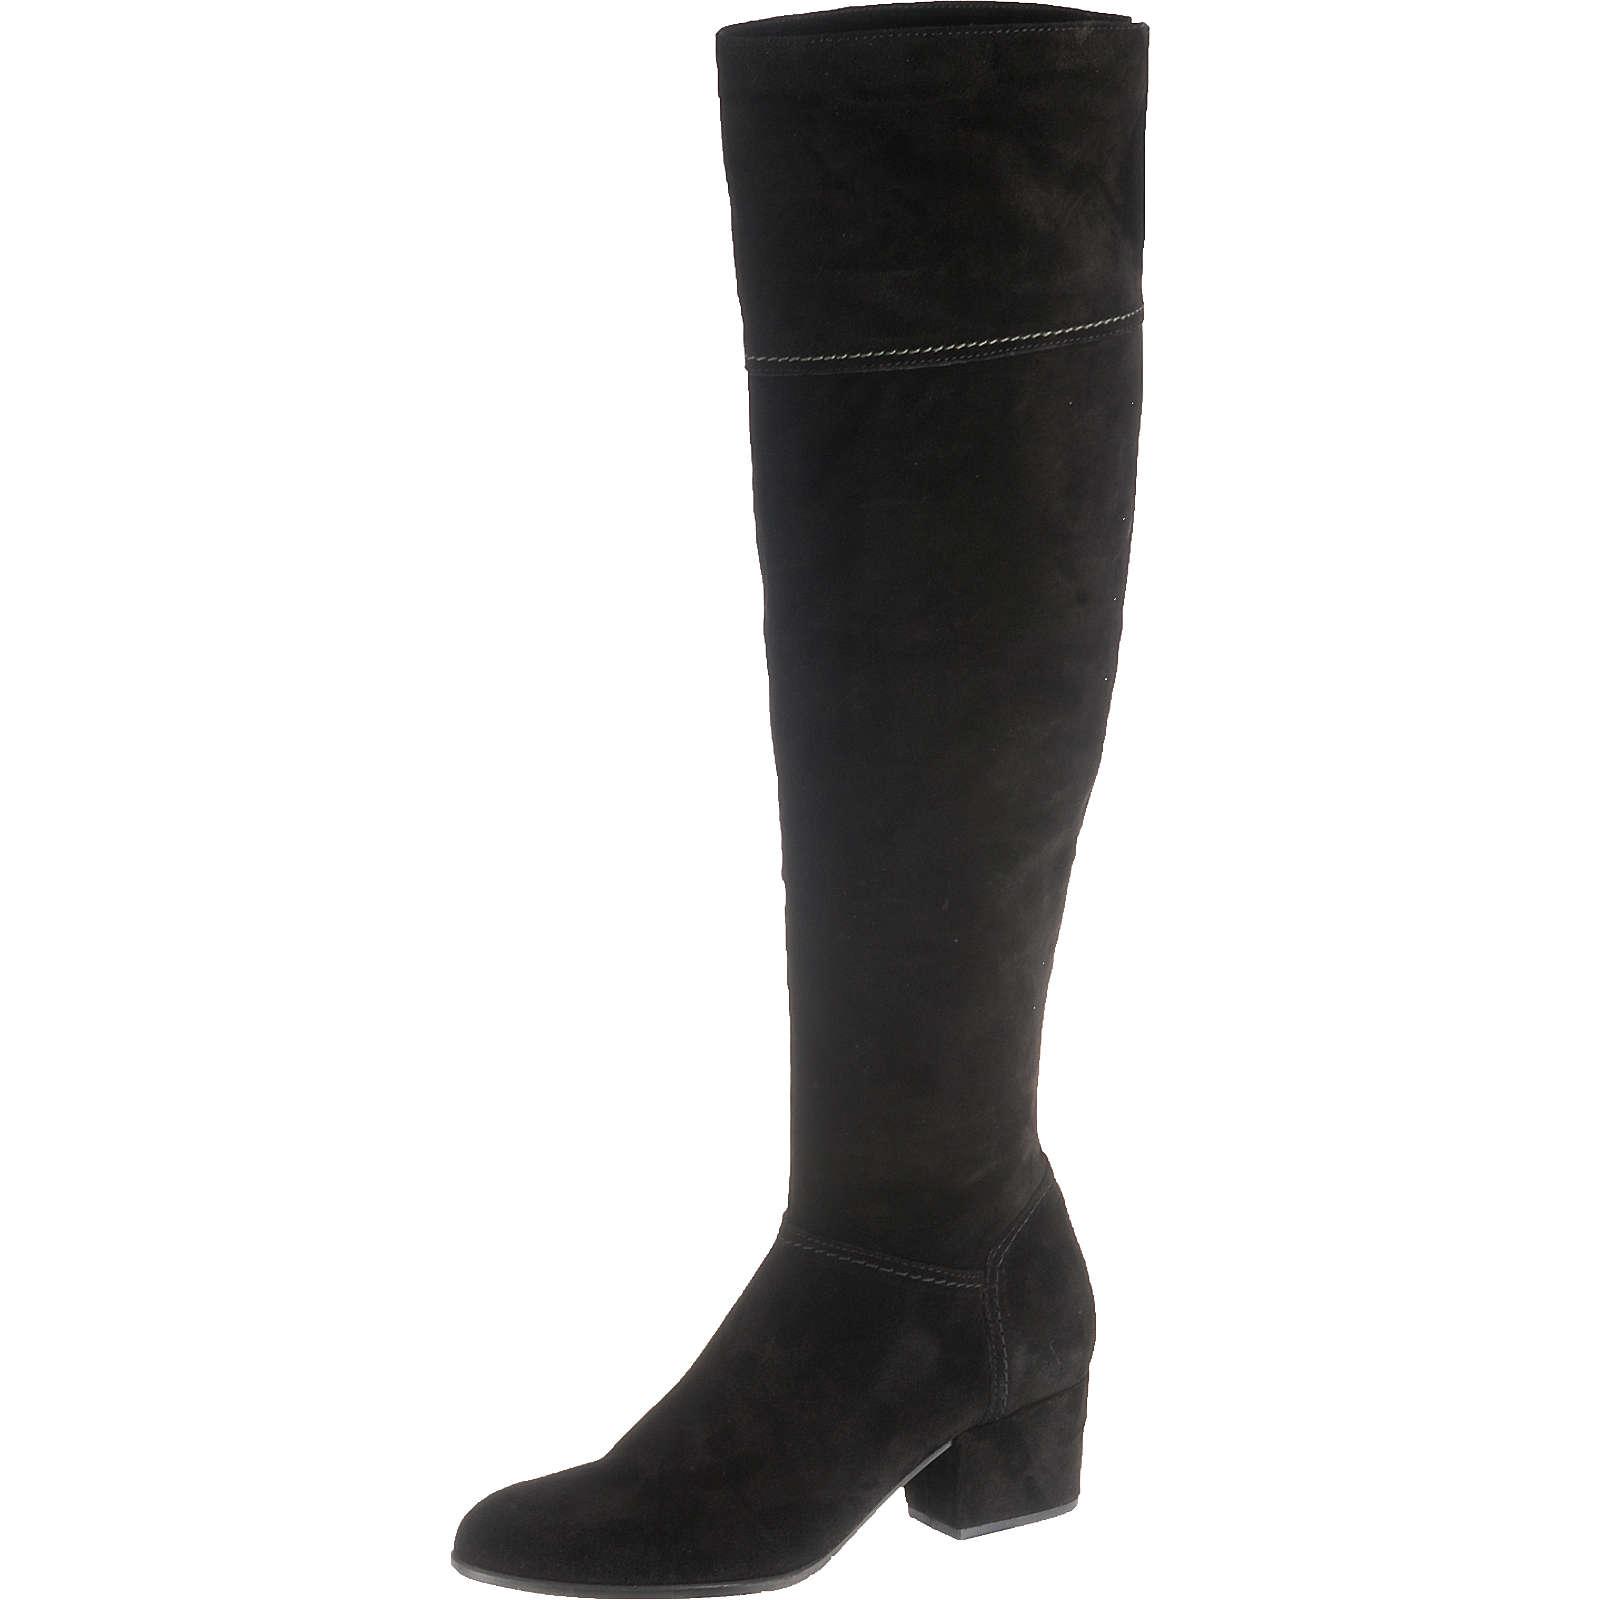 Tamaris Klassische Stiefel schwarz Damen Gr. 36